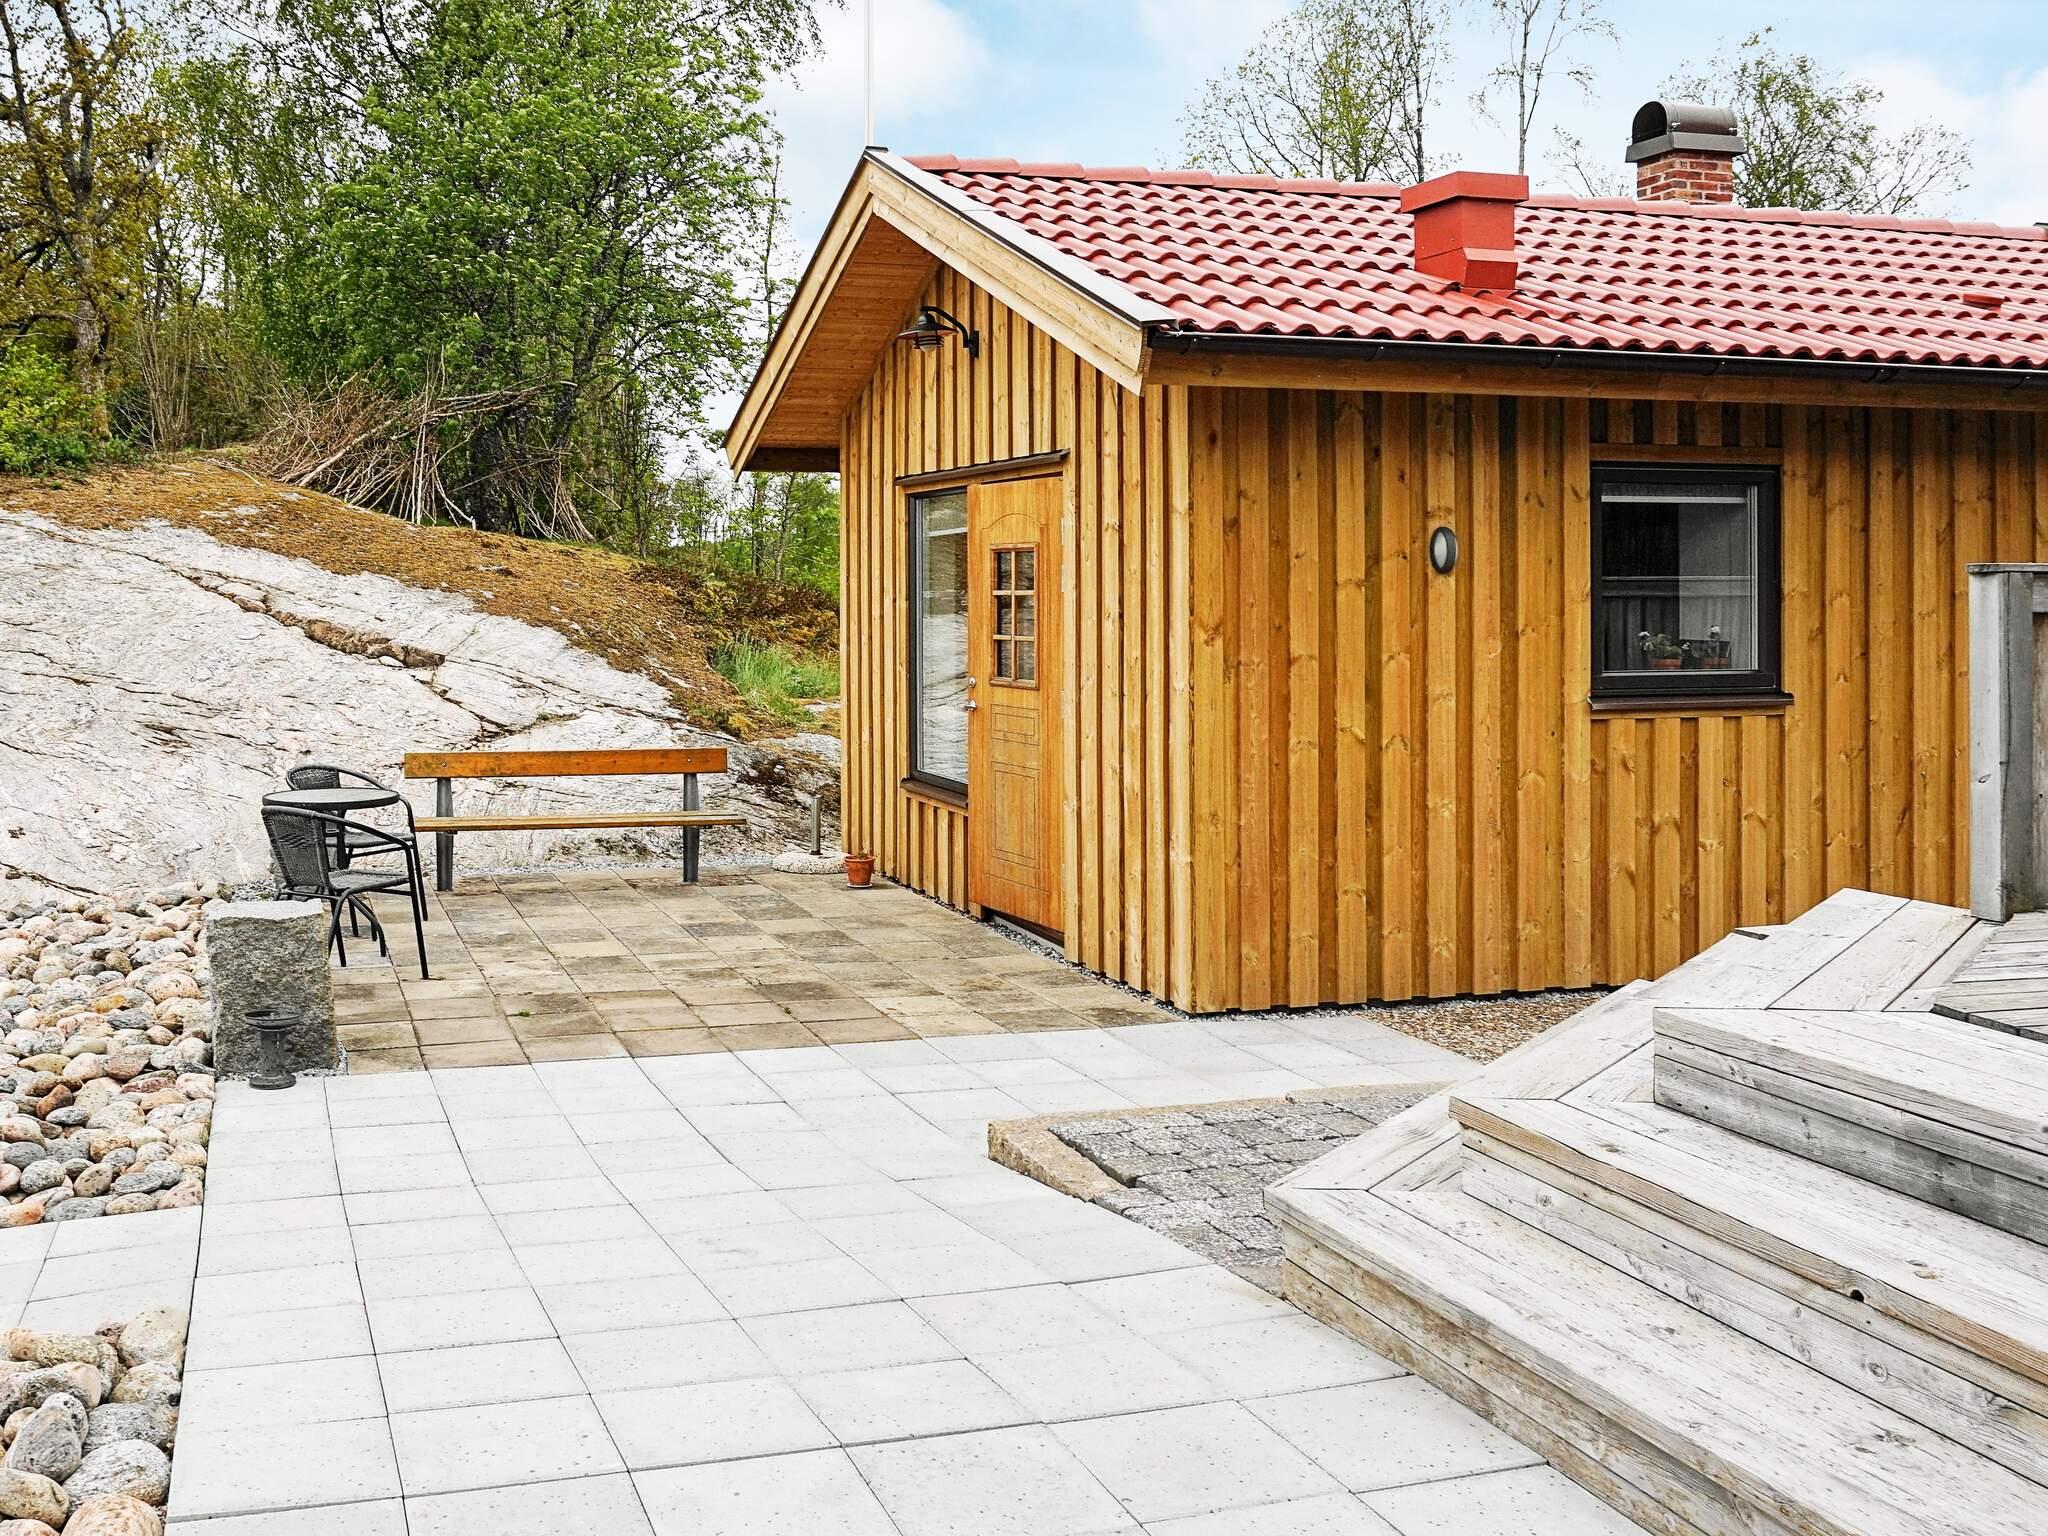 Ferienhaus Tjörn/Kållekärr (2619122), Kållekärr, Tjörn, Westschweden, Schweden, Bild 11